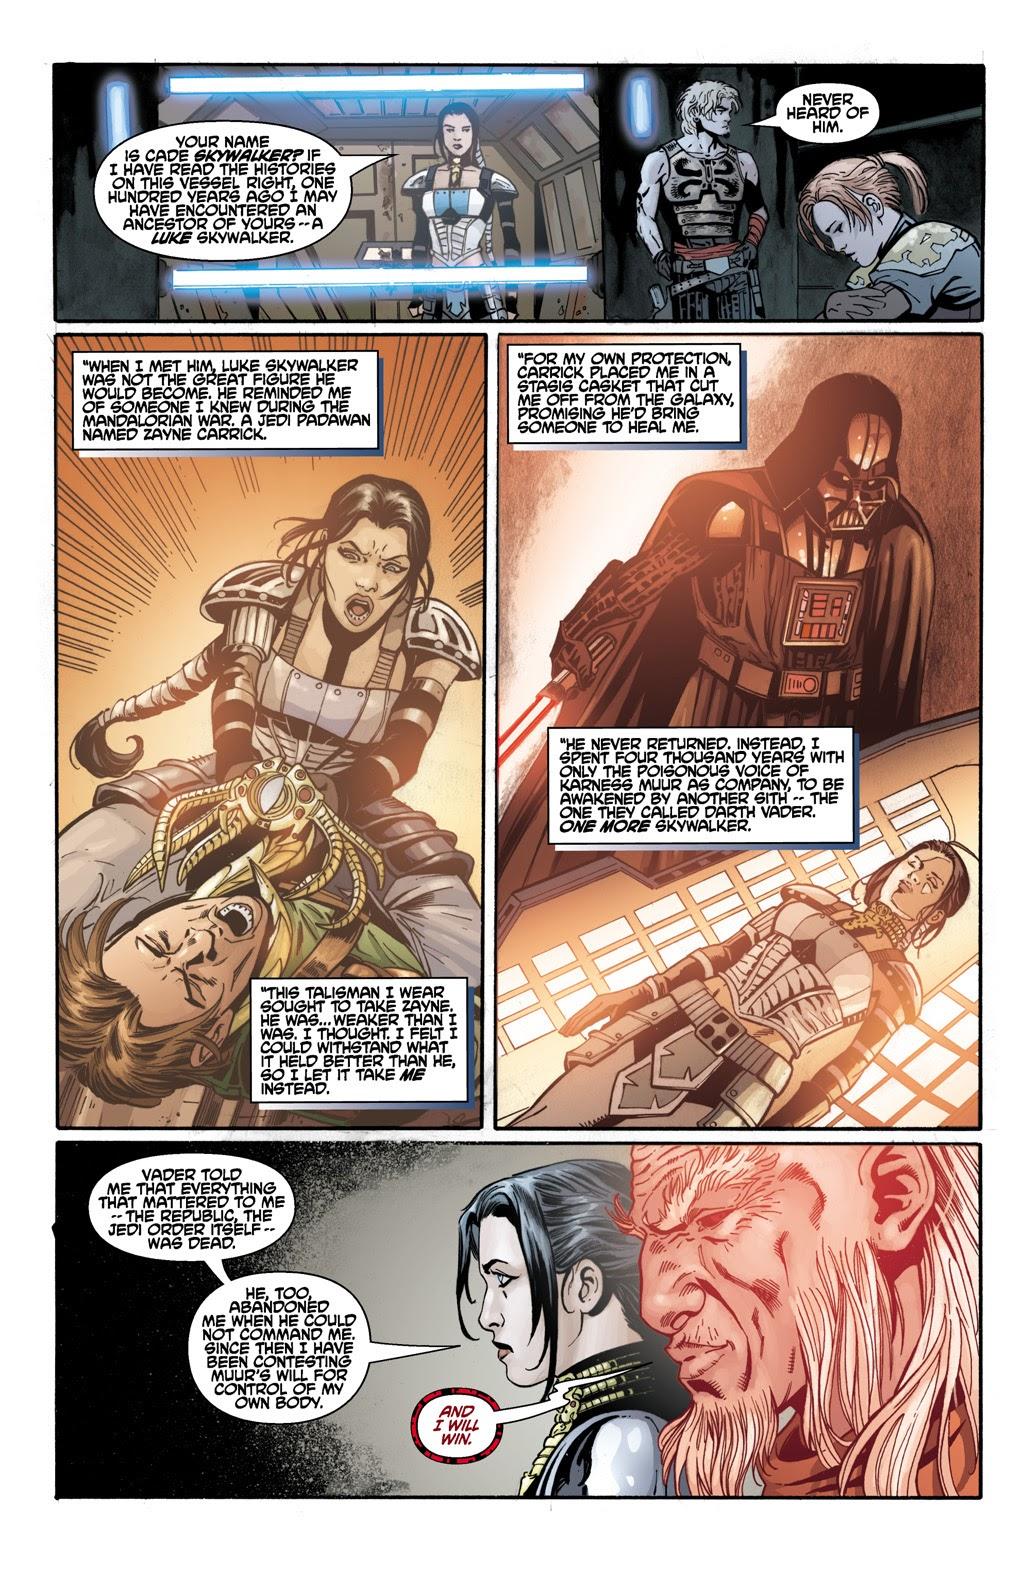 Cade Skywalker Force Heals From Rakghoul Plague